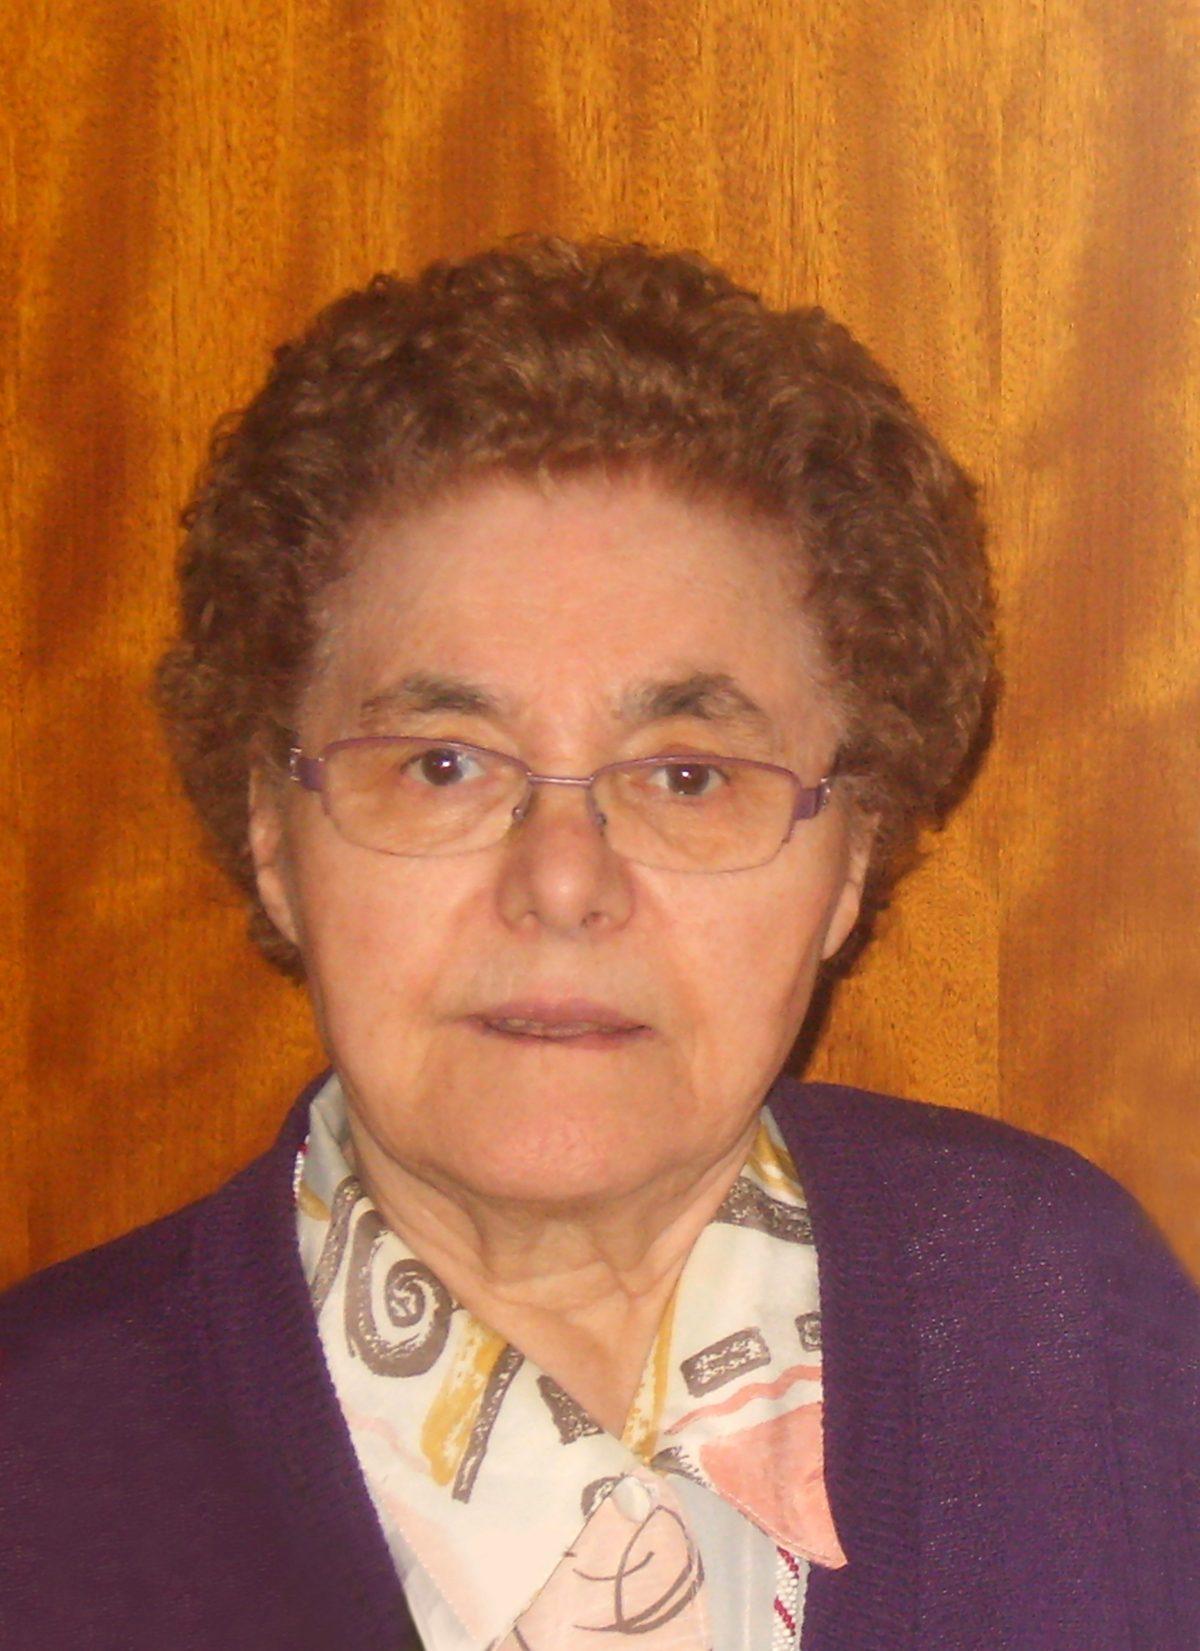 Maria Cuenen